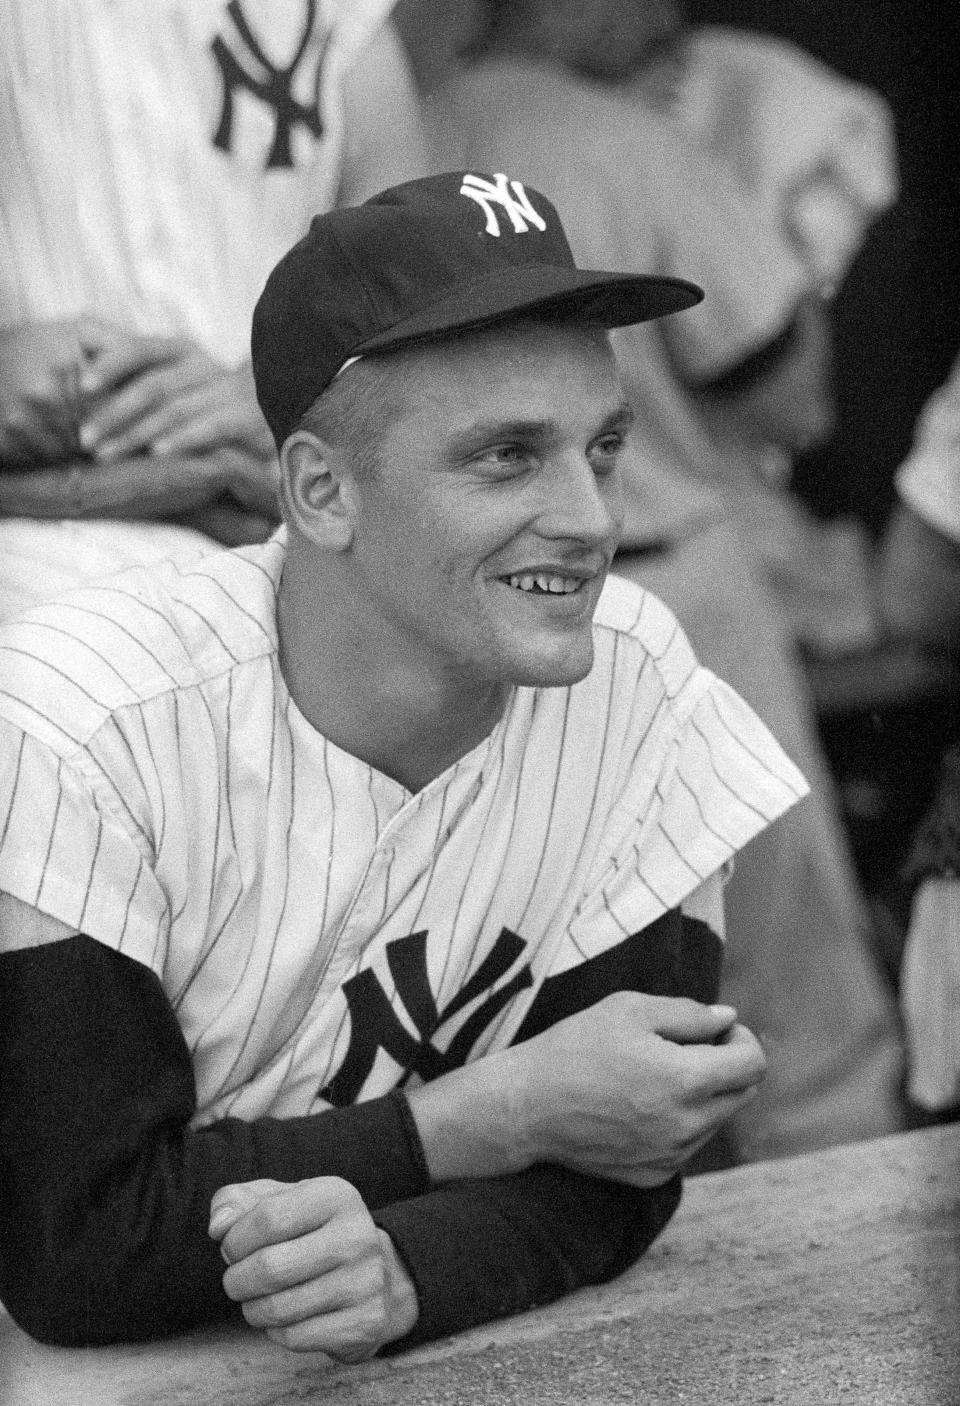 NY Yankees's Roger Maris